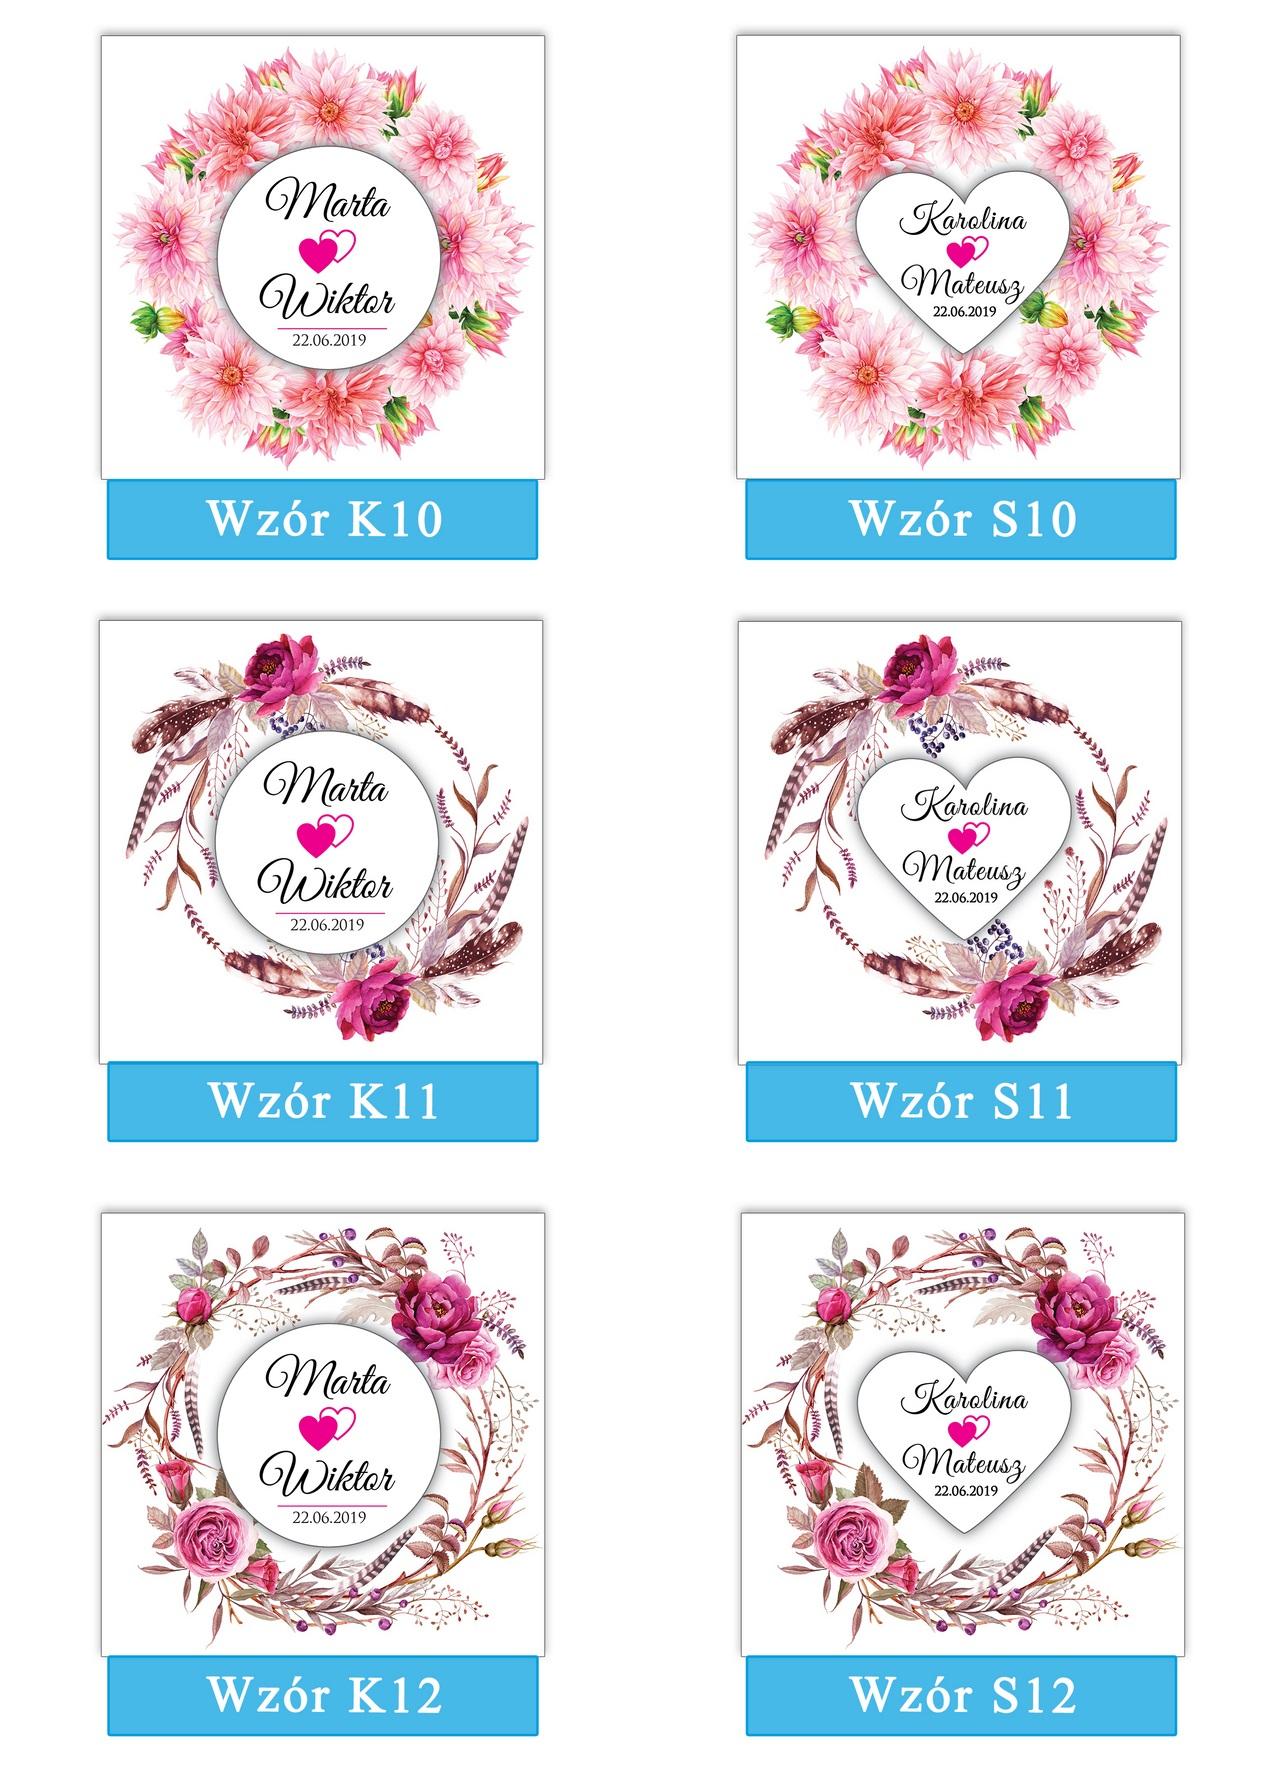 zaproszenia-ślubne-boho-rustykalne-wianki-kwiatowe-Silena-ze-wstążką-plansza-wzory10-12